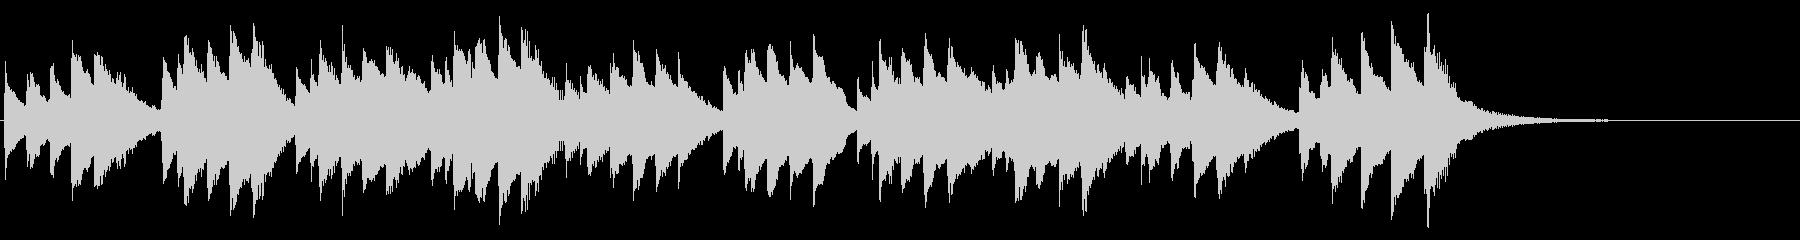 ハッピーバースデー 72弁オルゴールの未再生の波形